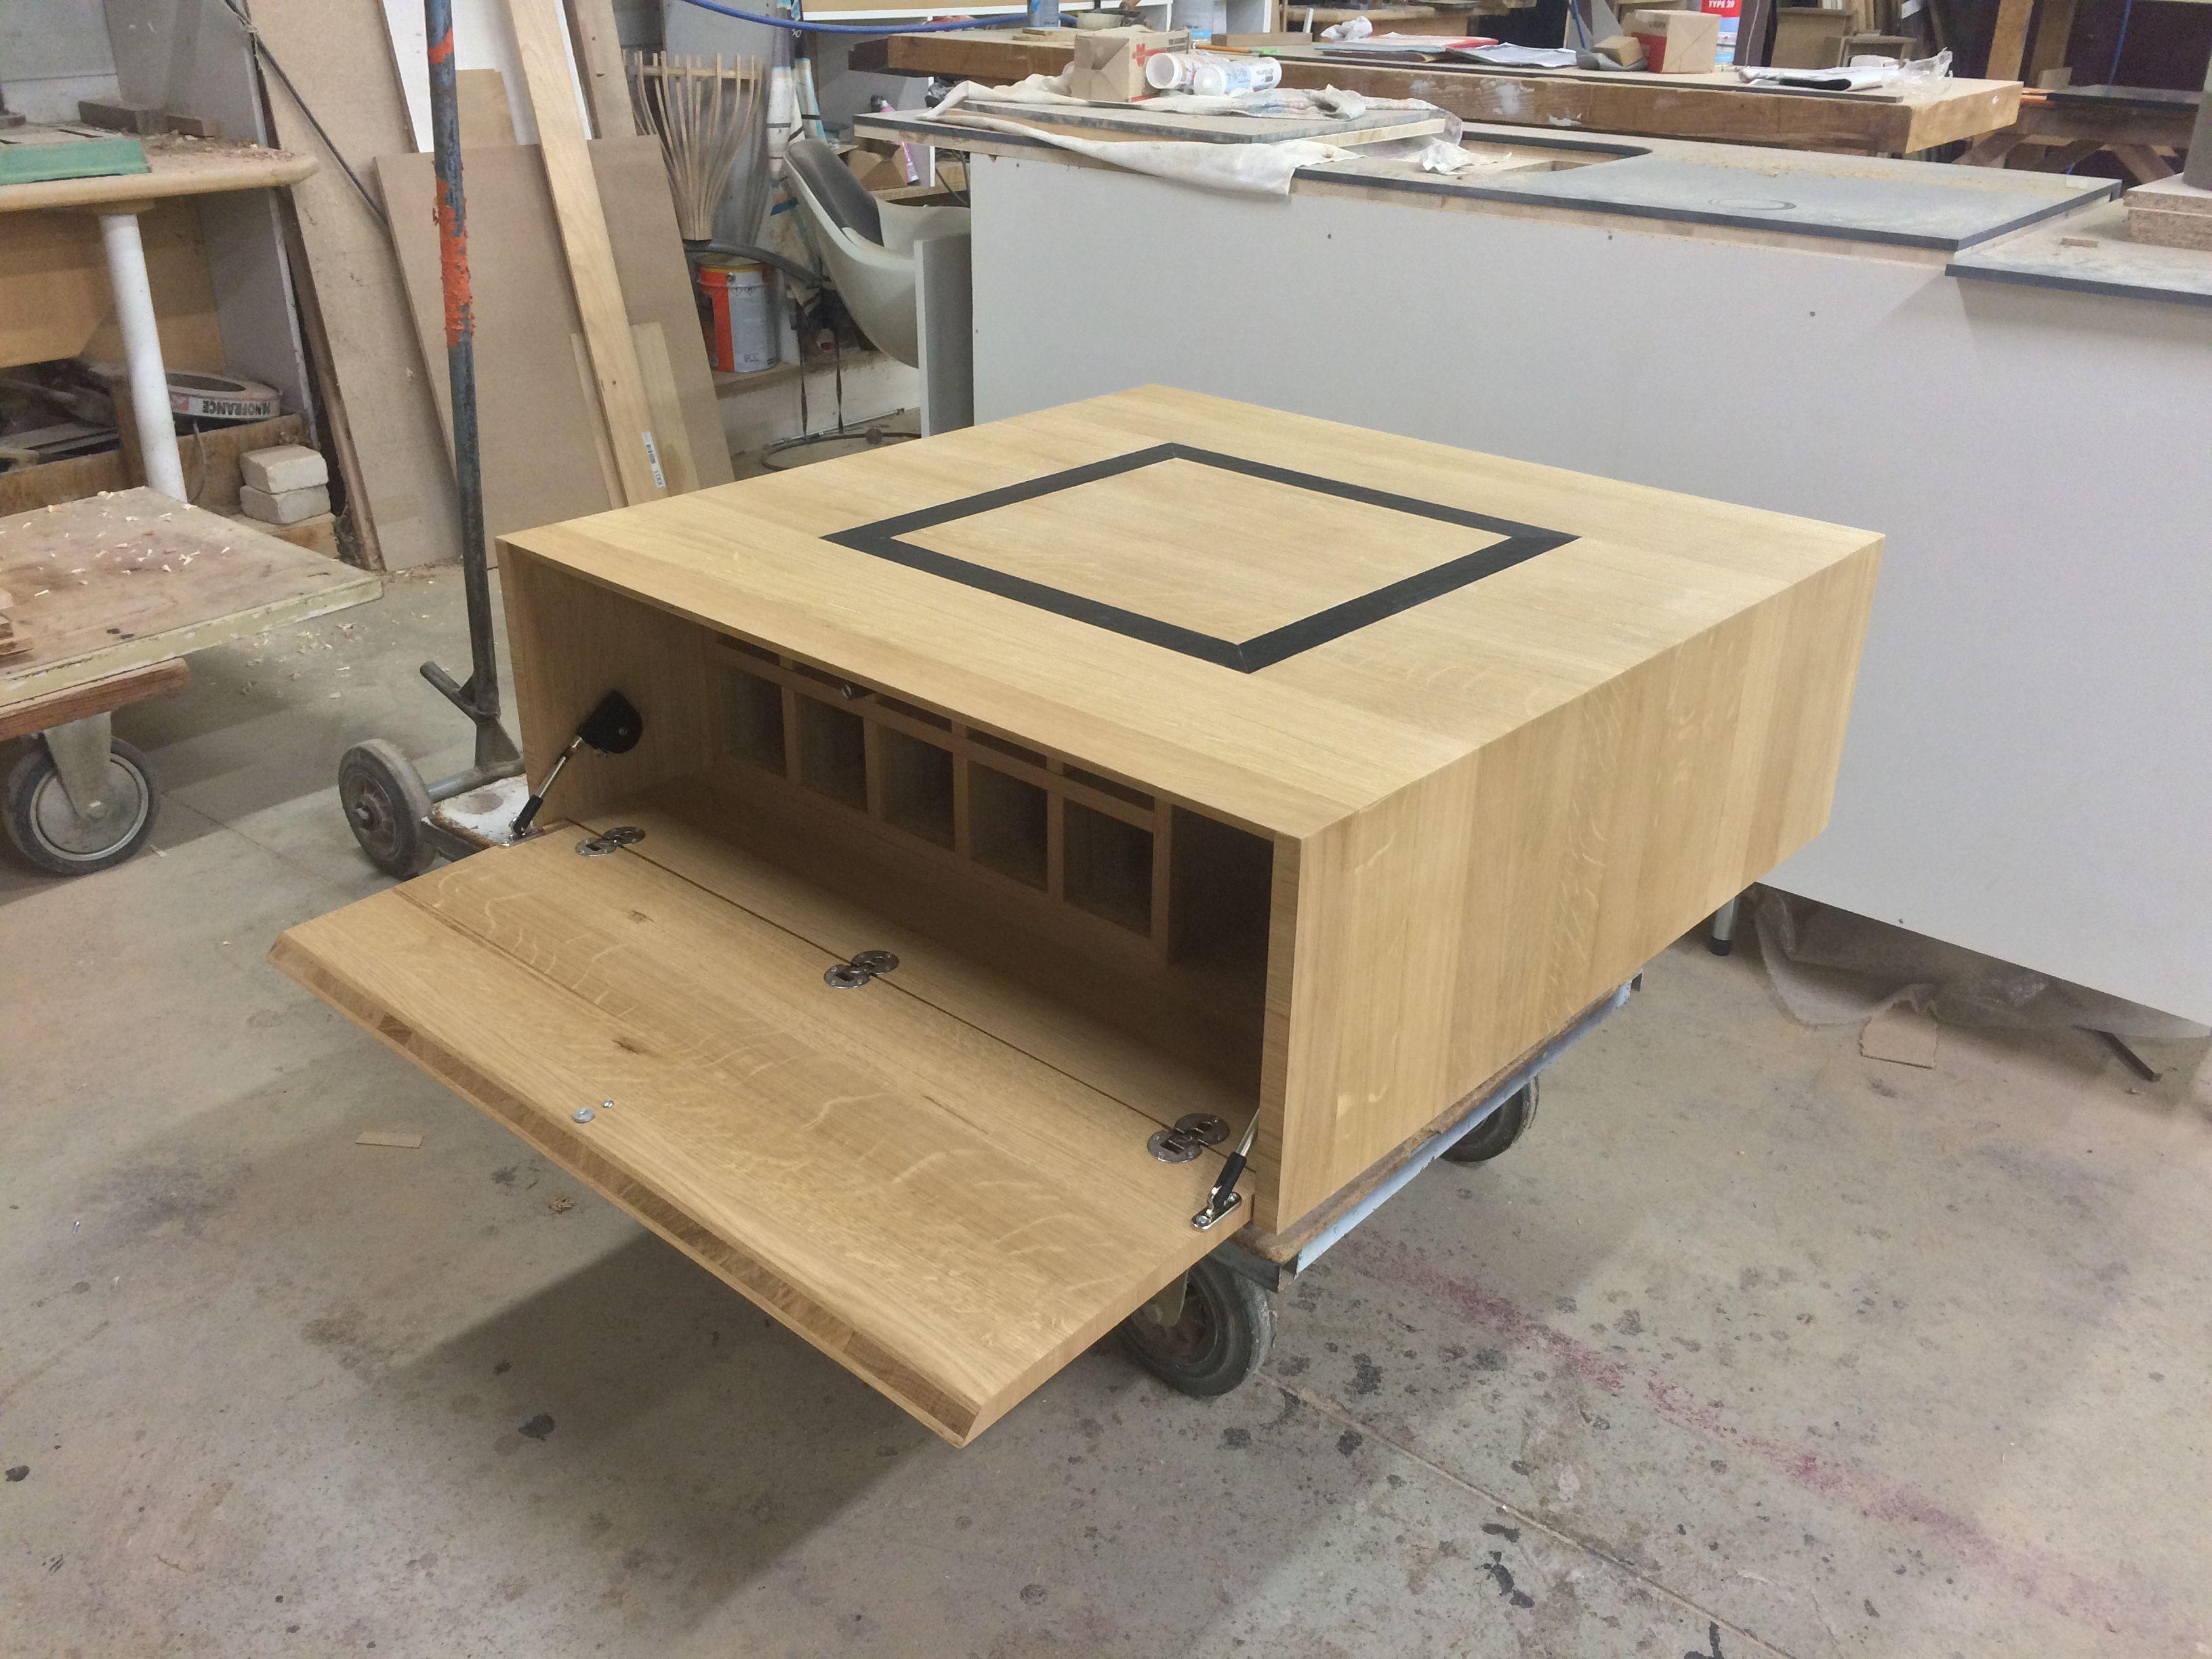 Basse Chêne Intégré Massif Bar De Mini Espace En Et Avec Table PnwXO80k